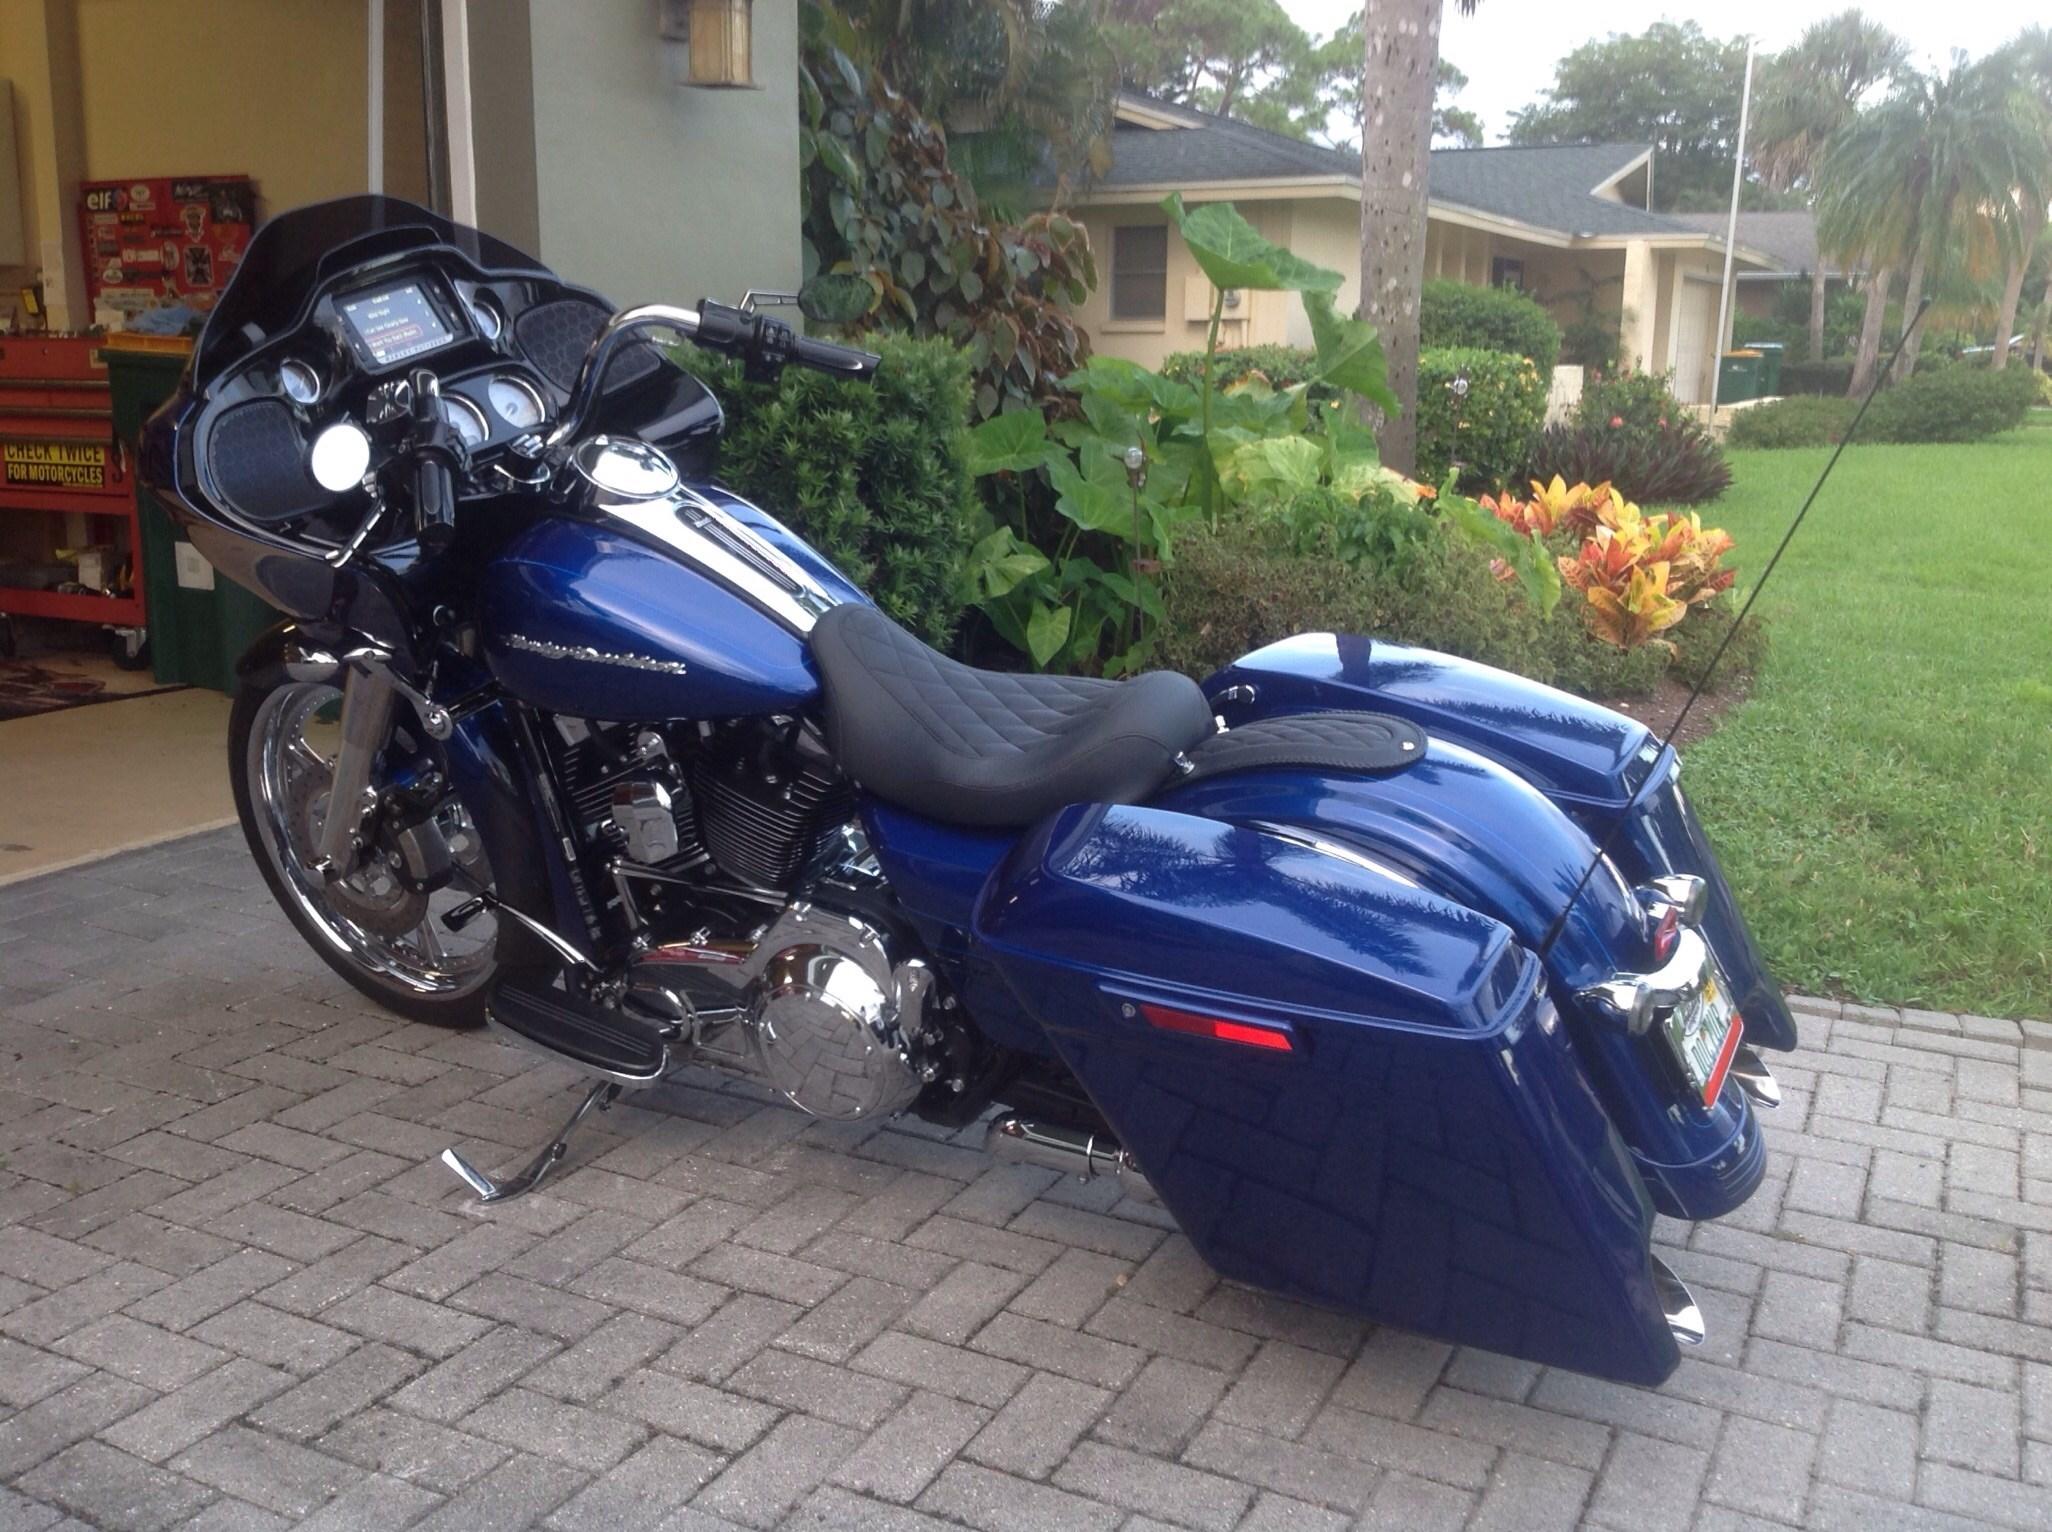 Motorcycle Dealer Orlando Fl >> 2016 Harley-Davidson® FLTRXS Road Glide® Special (Superior Blue), Naples, Florida (671180 ...